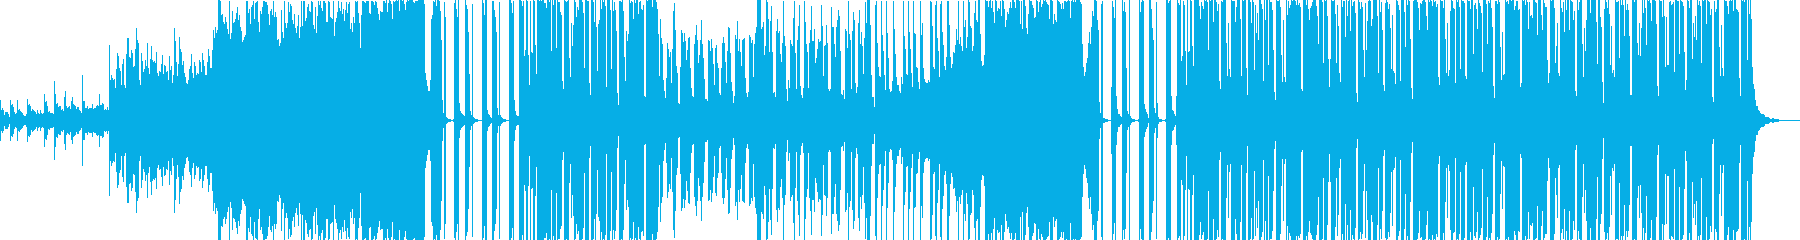 しっとり落ち着いたエレクトロの再生済みの波形